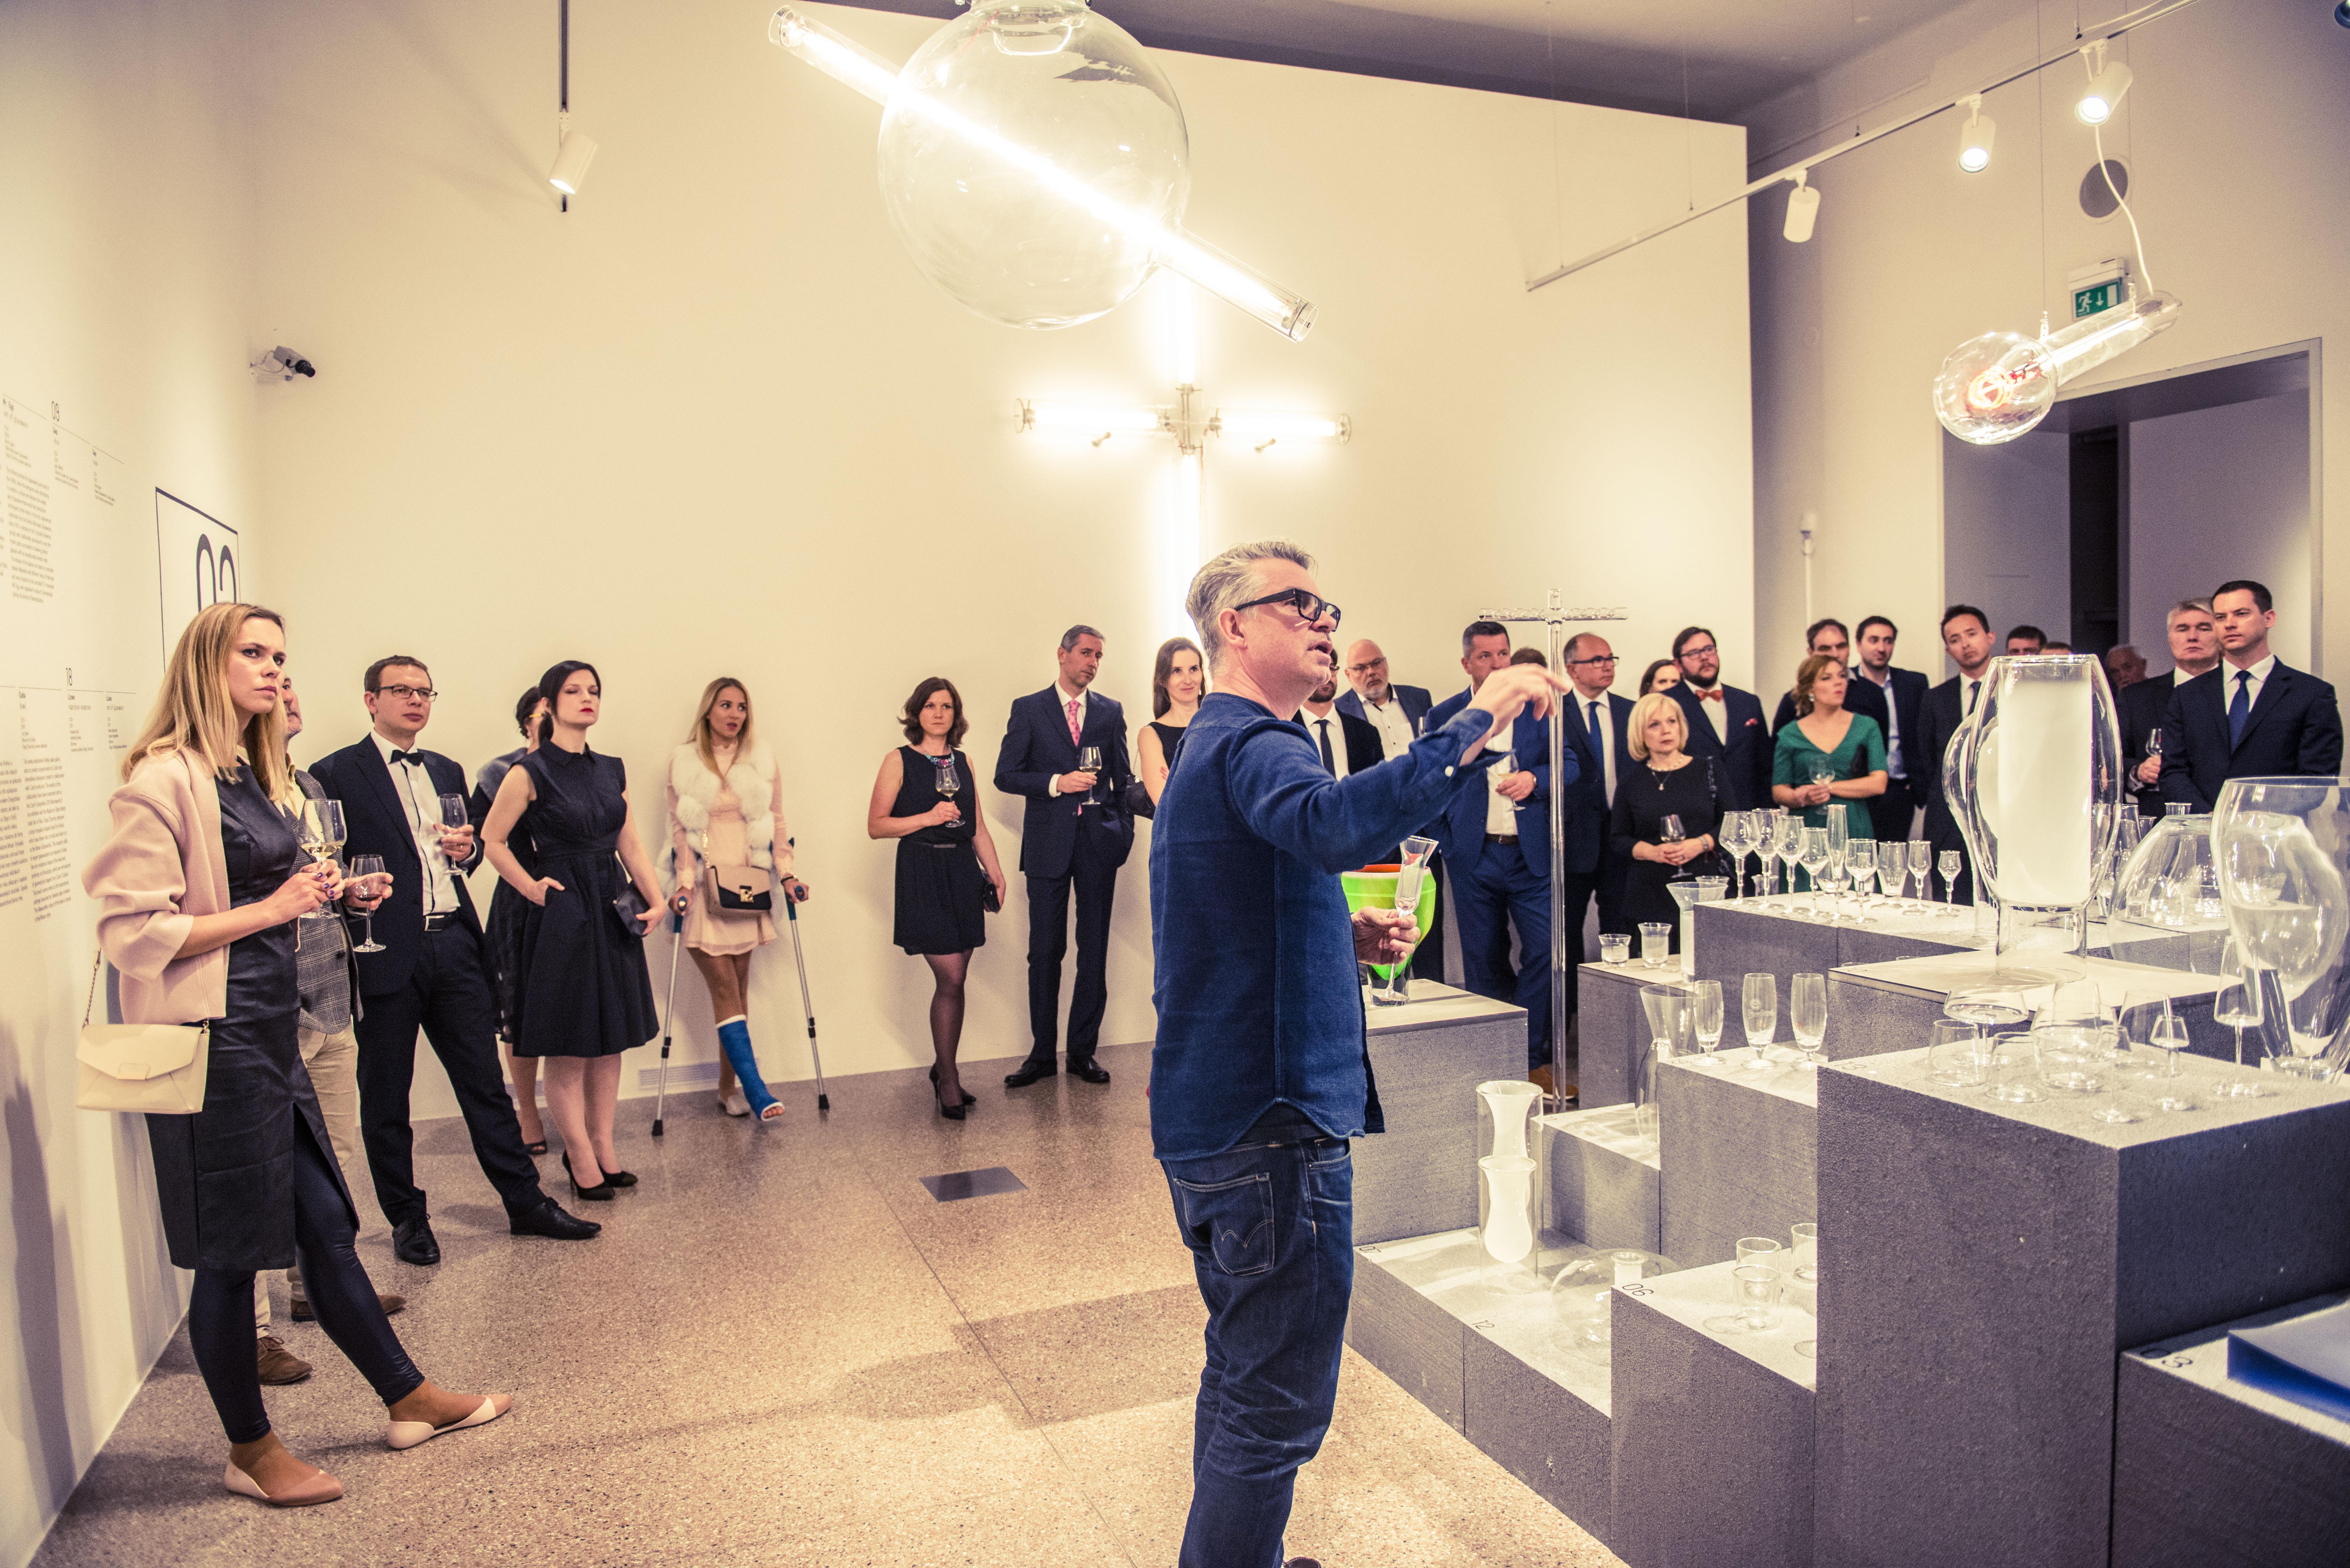 Nakonec hosté měli možnost zapojit se do unikátní komentované prohlídky výstavy OCH! s jejím spoluautorem, designérem Michalem Froňkem.